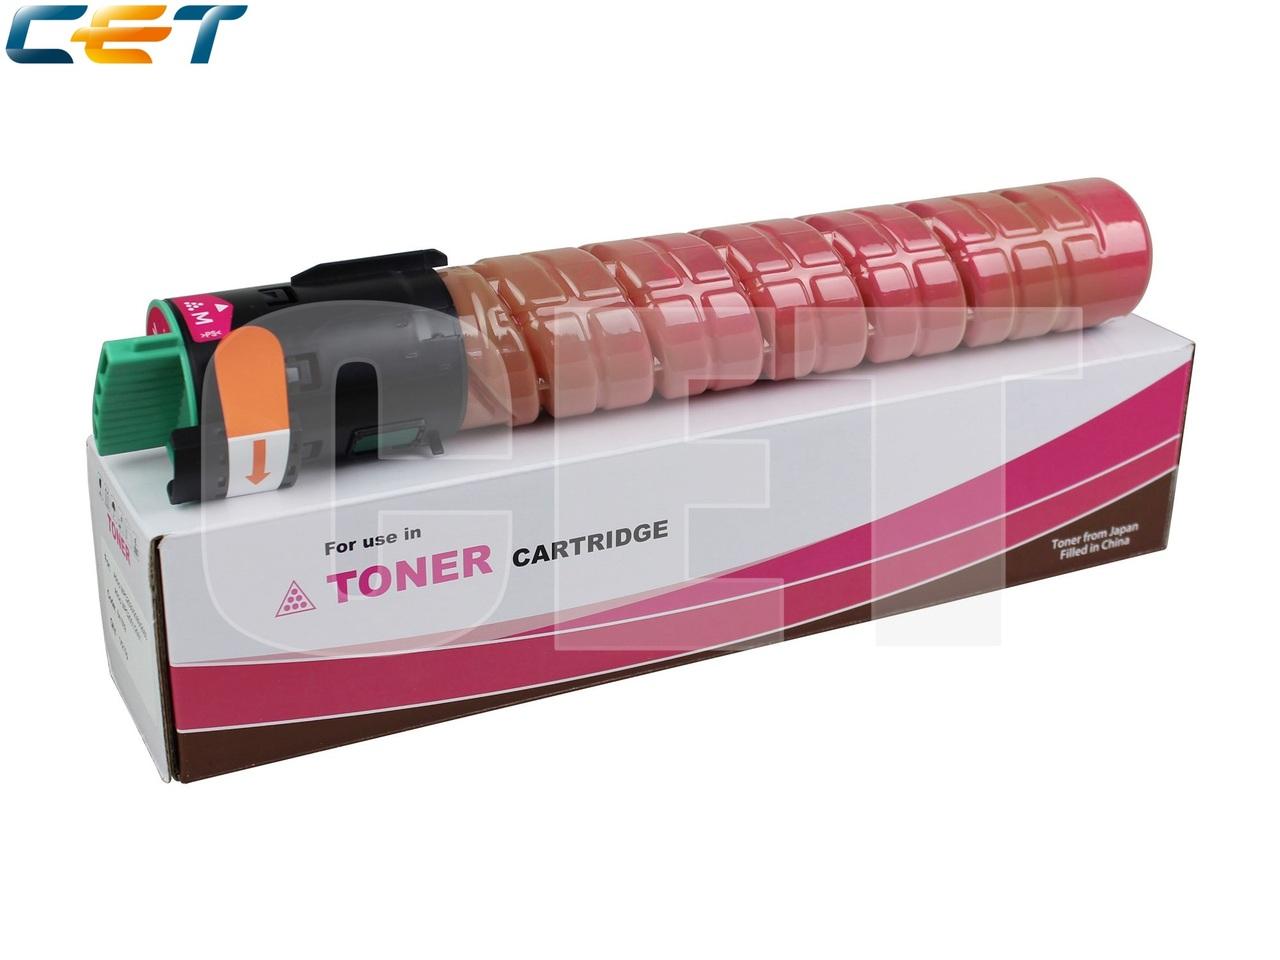 Тонер-картридж (Type 516) 841506 для RICOH AficioMPC2551/MPC2051/MPC2550/MPC2050/MPC2030 (CET)Magenta, 215г, 9500 стр., CET6462